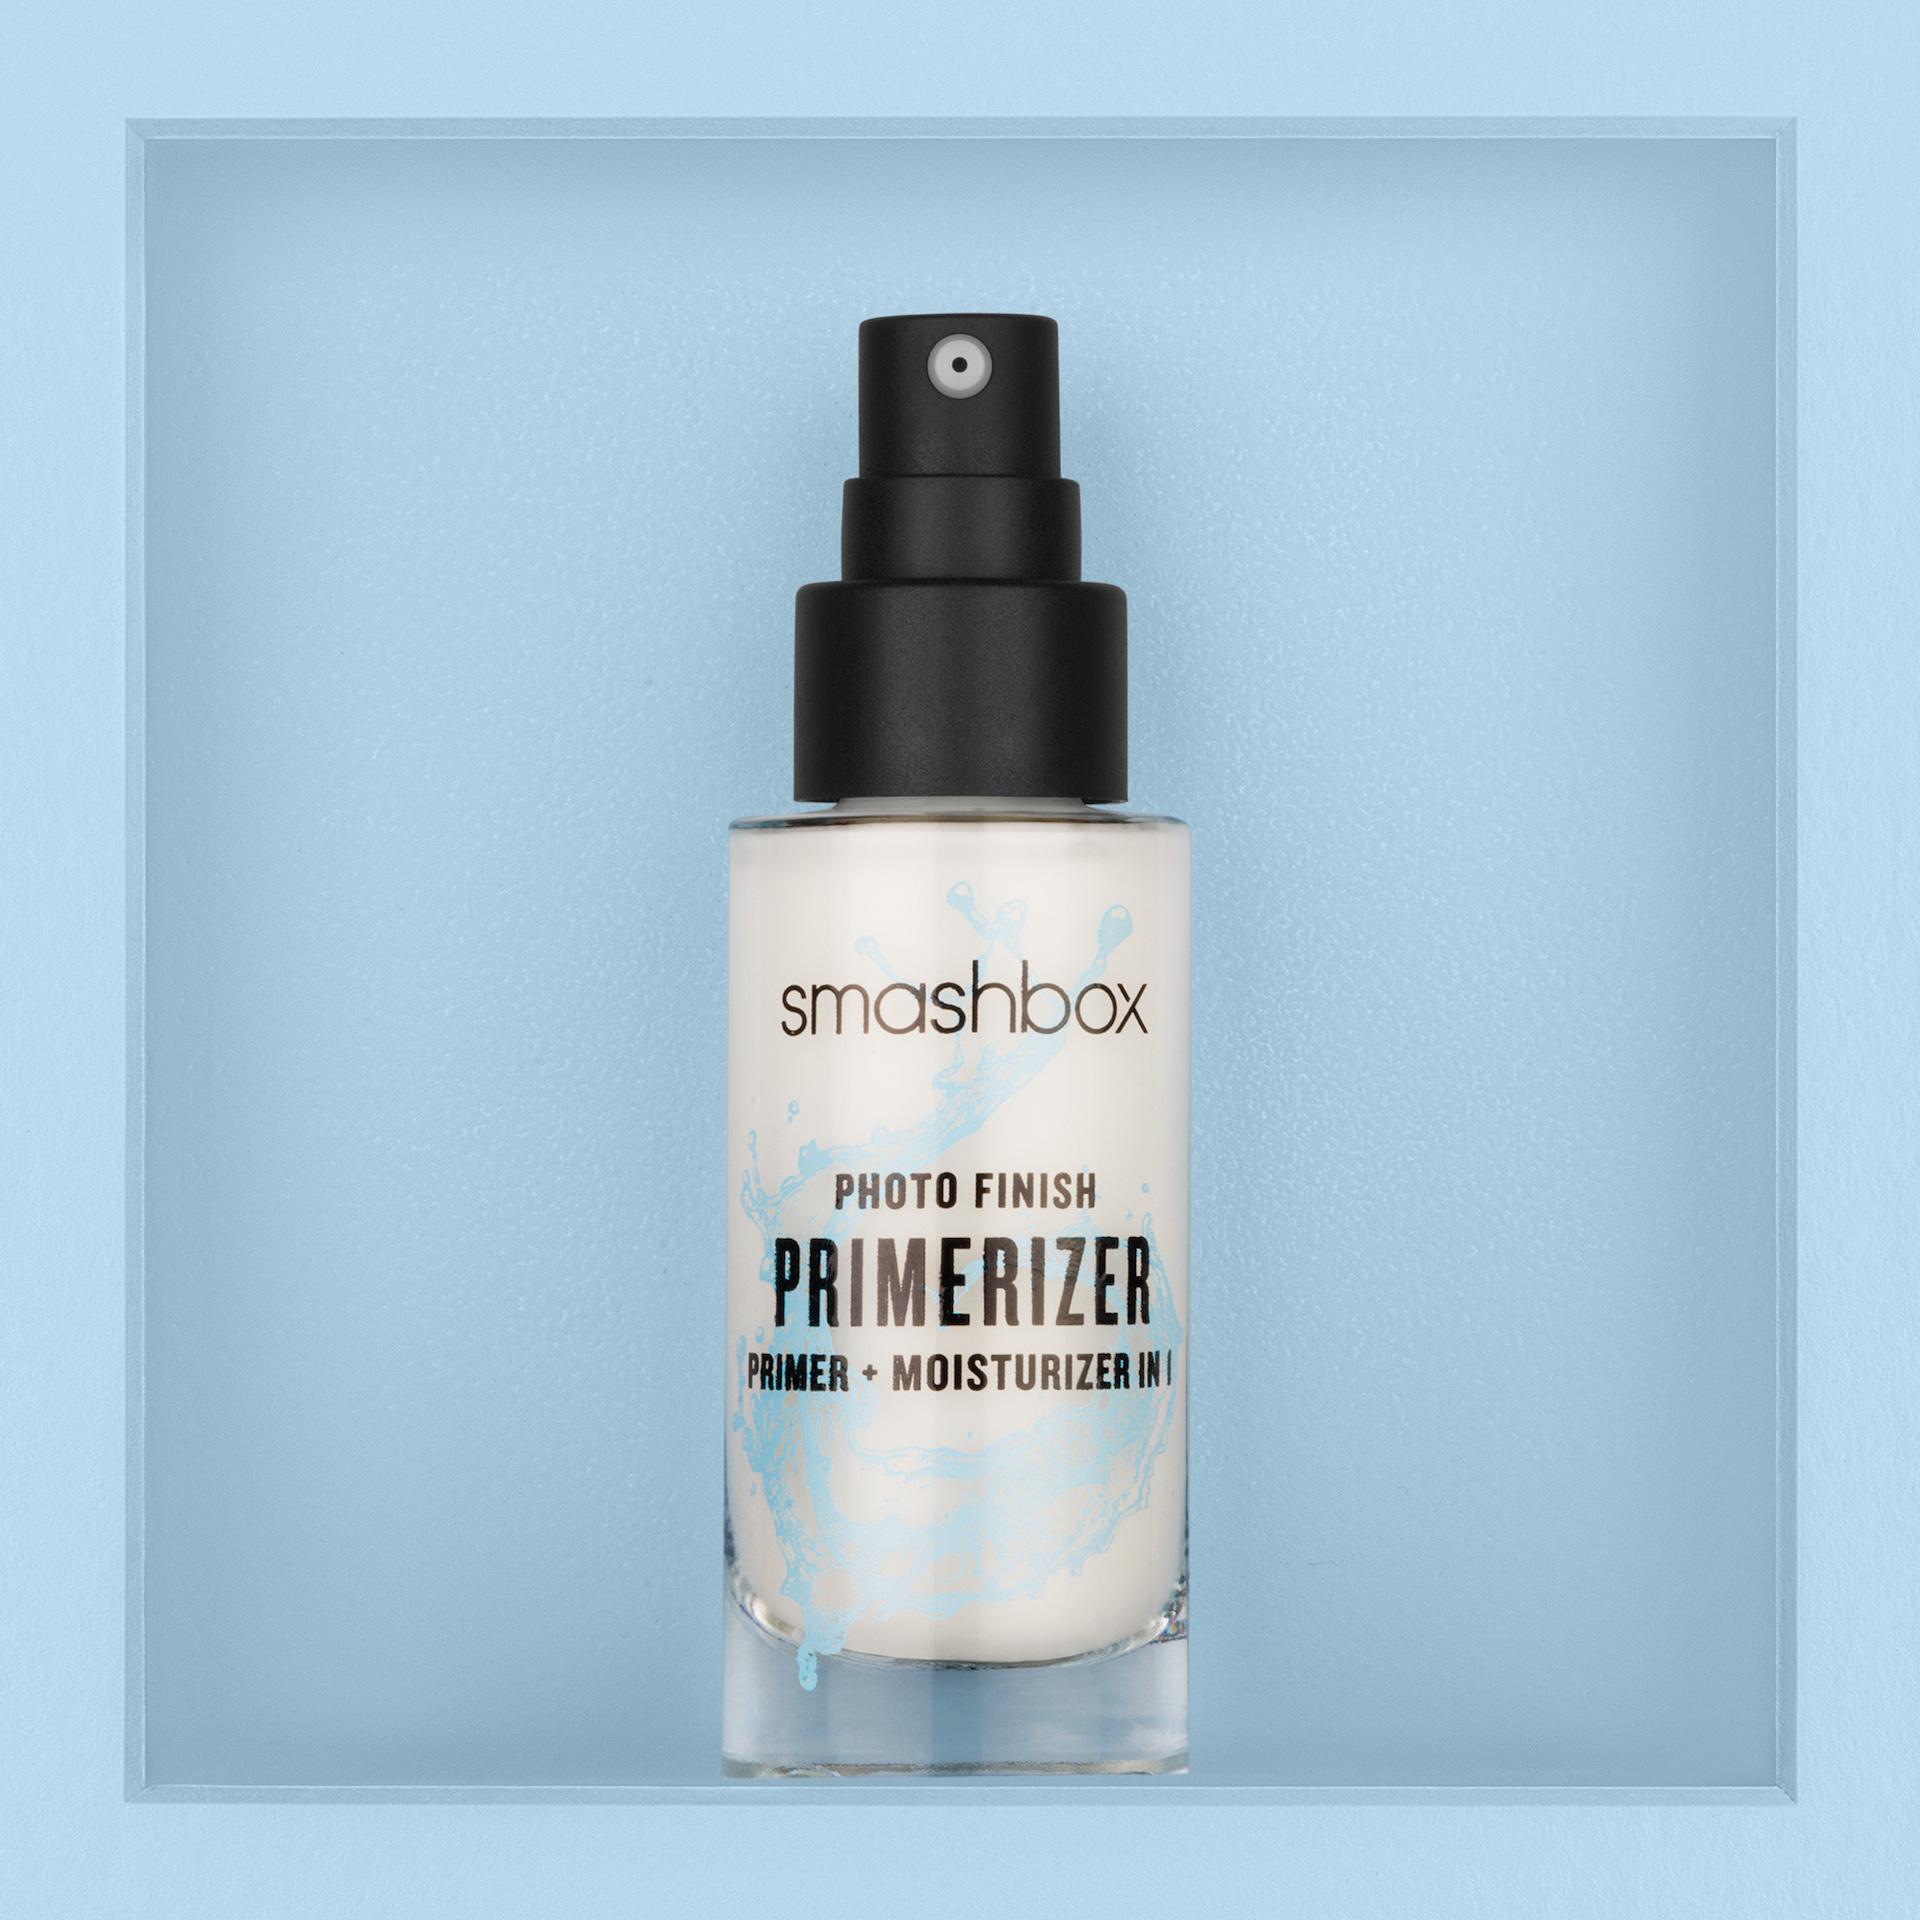 Photo Finish Oil Primer 30 ml Smashbox KICKS